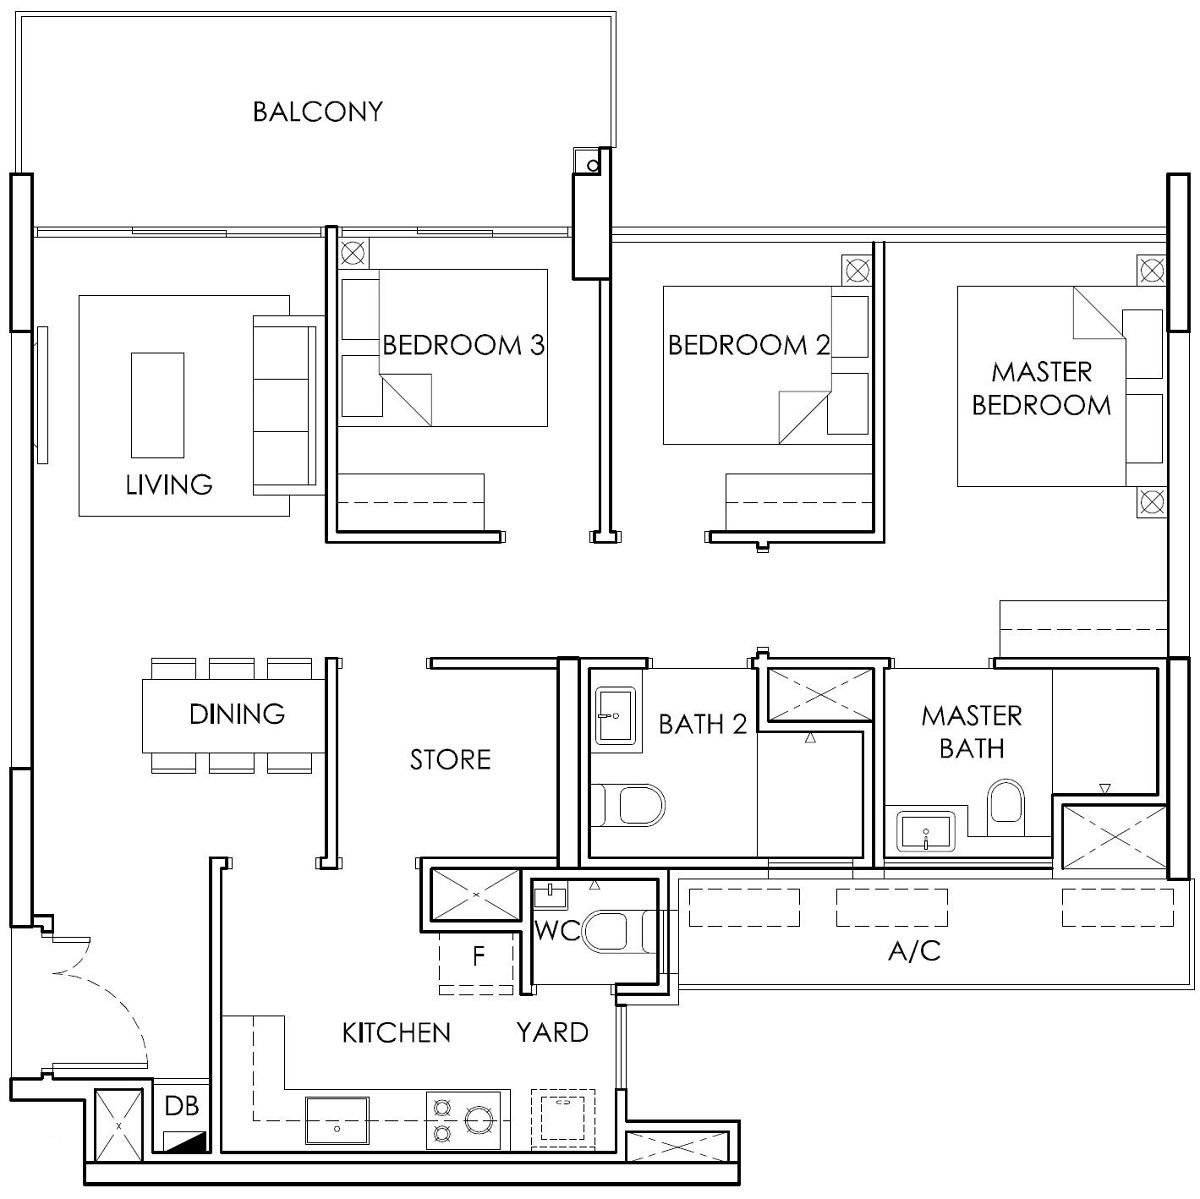 Ola EC 3 Bedroom with Store Type B4 Floor Plan